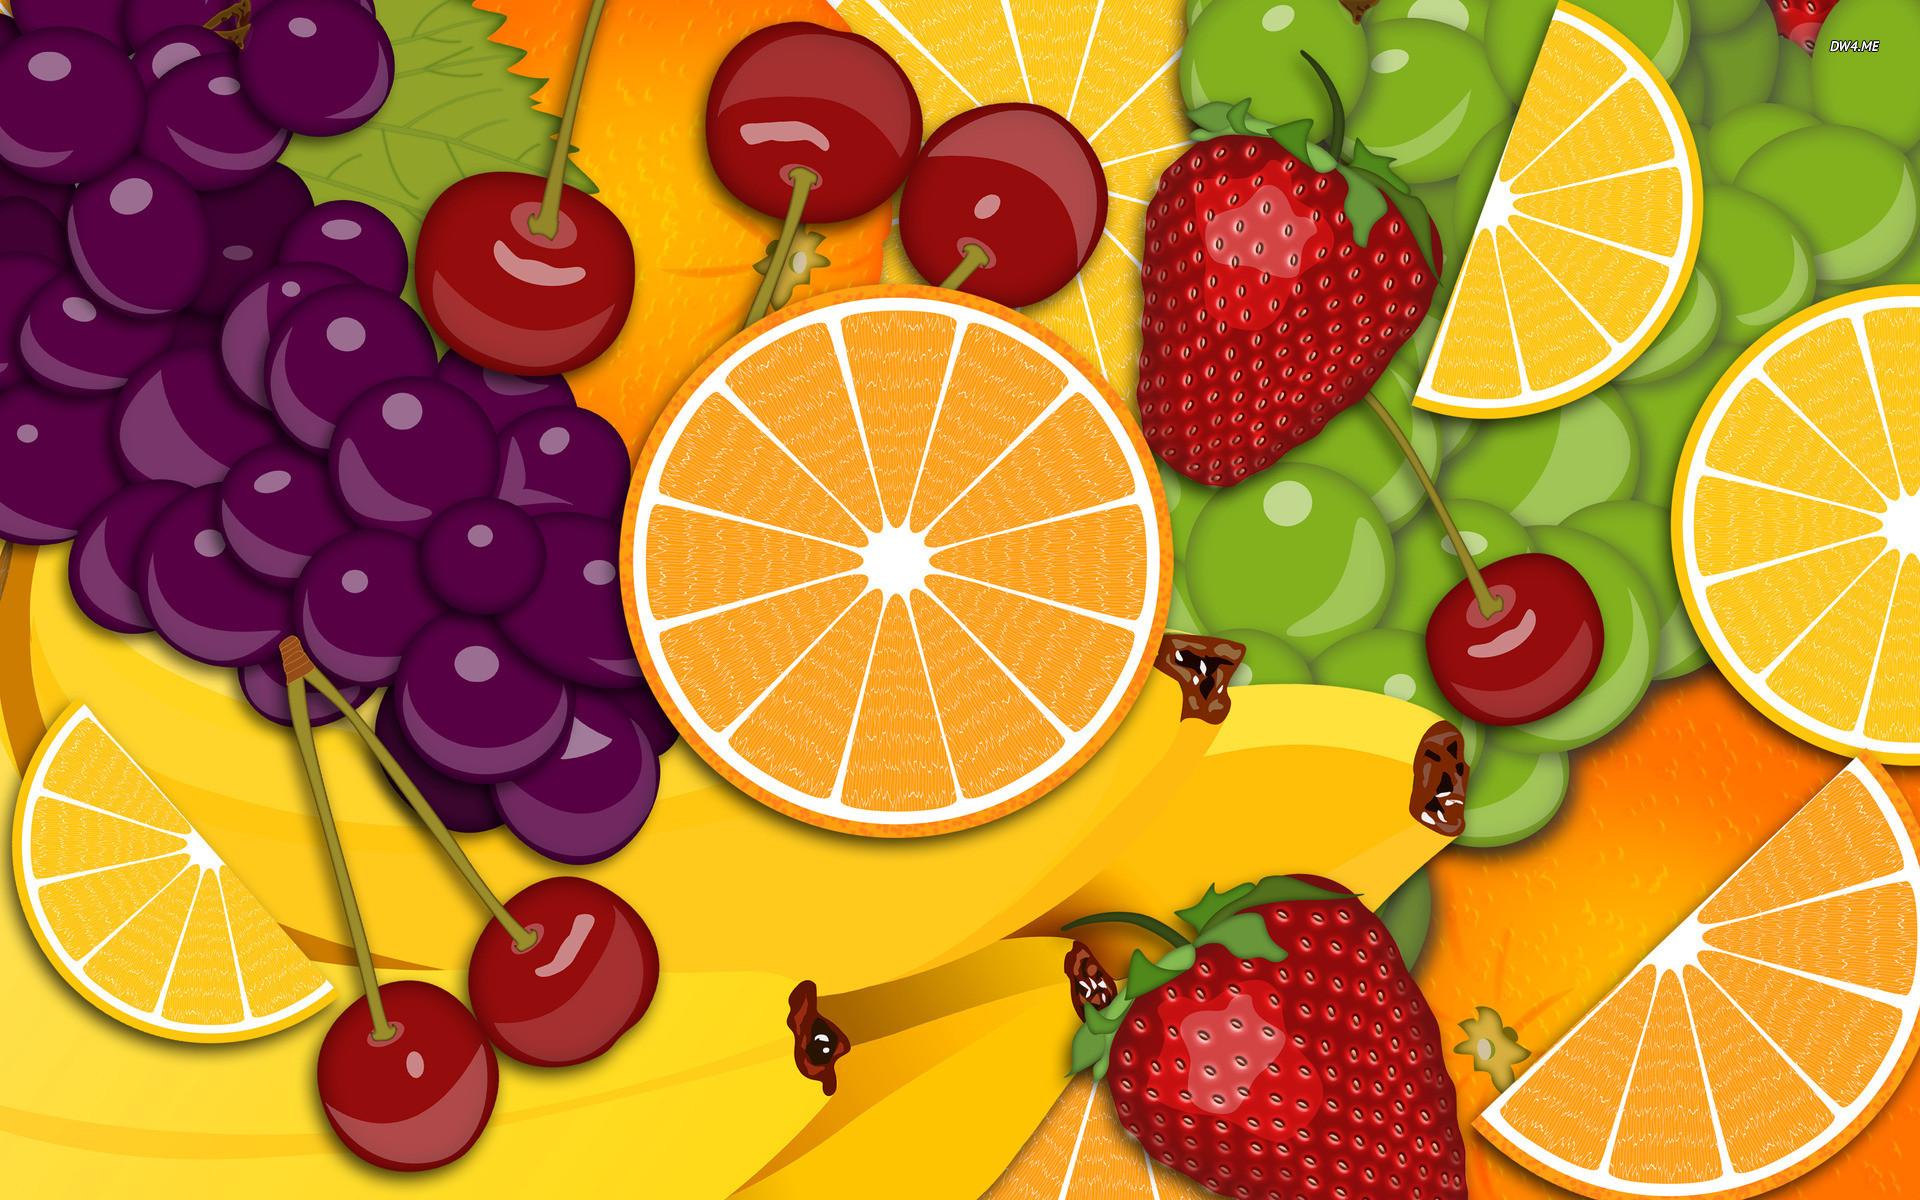 Res: 1920x1200, Fruit wallpaper Vector wallpapers 1245